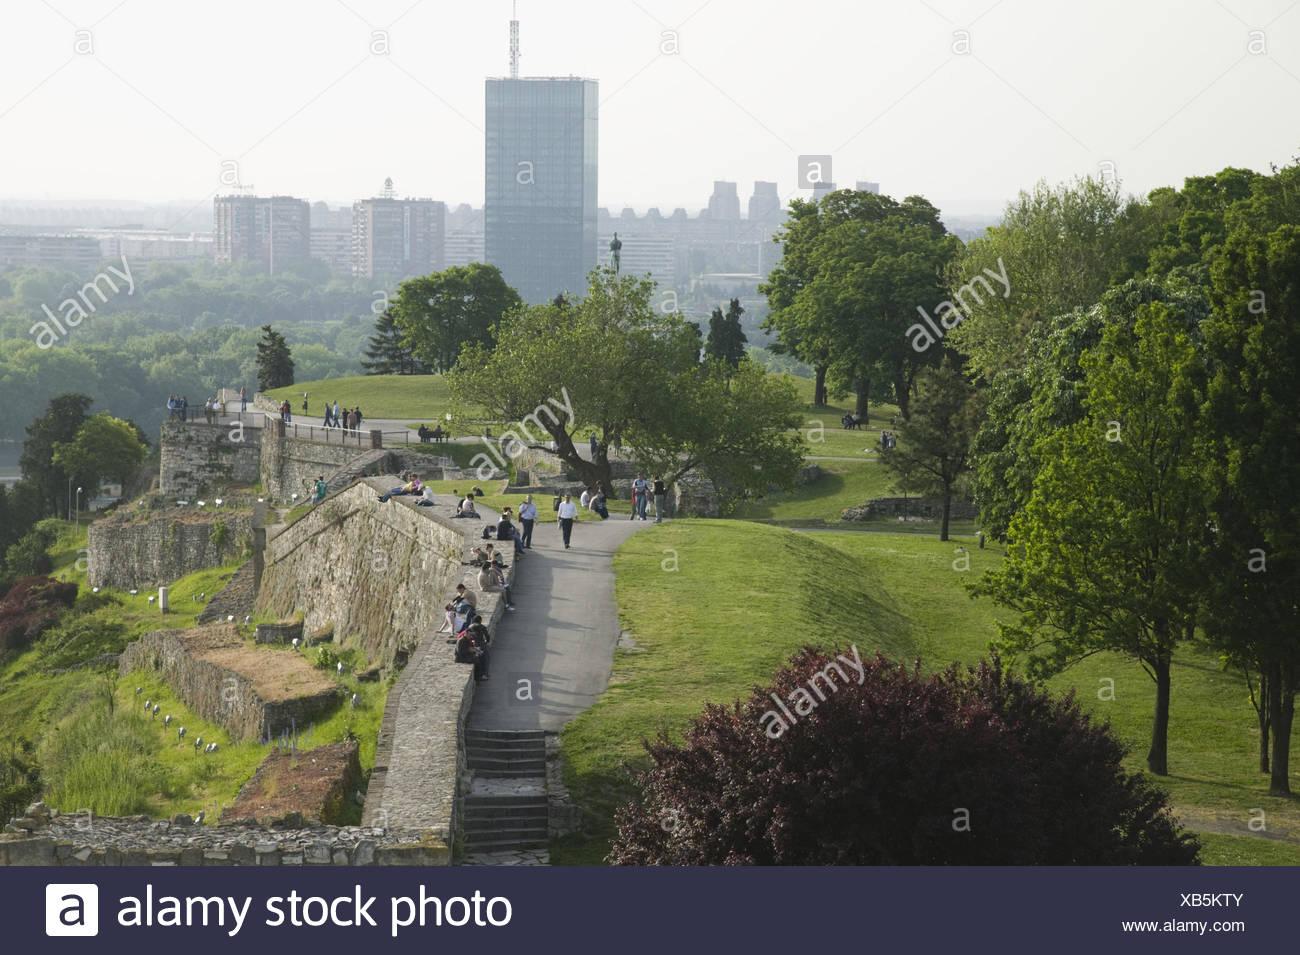 Serbien, Belgrad, Festung Kalemegdan, Festungsmauer, Touristen, - Stock Image